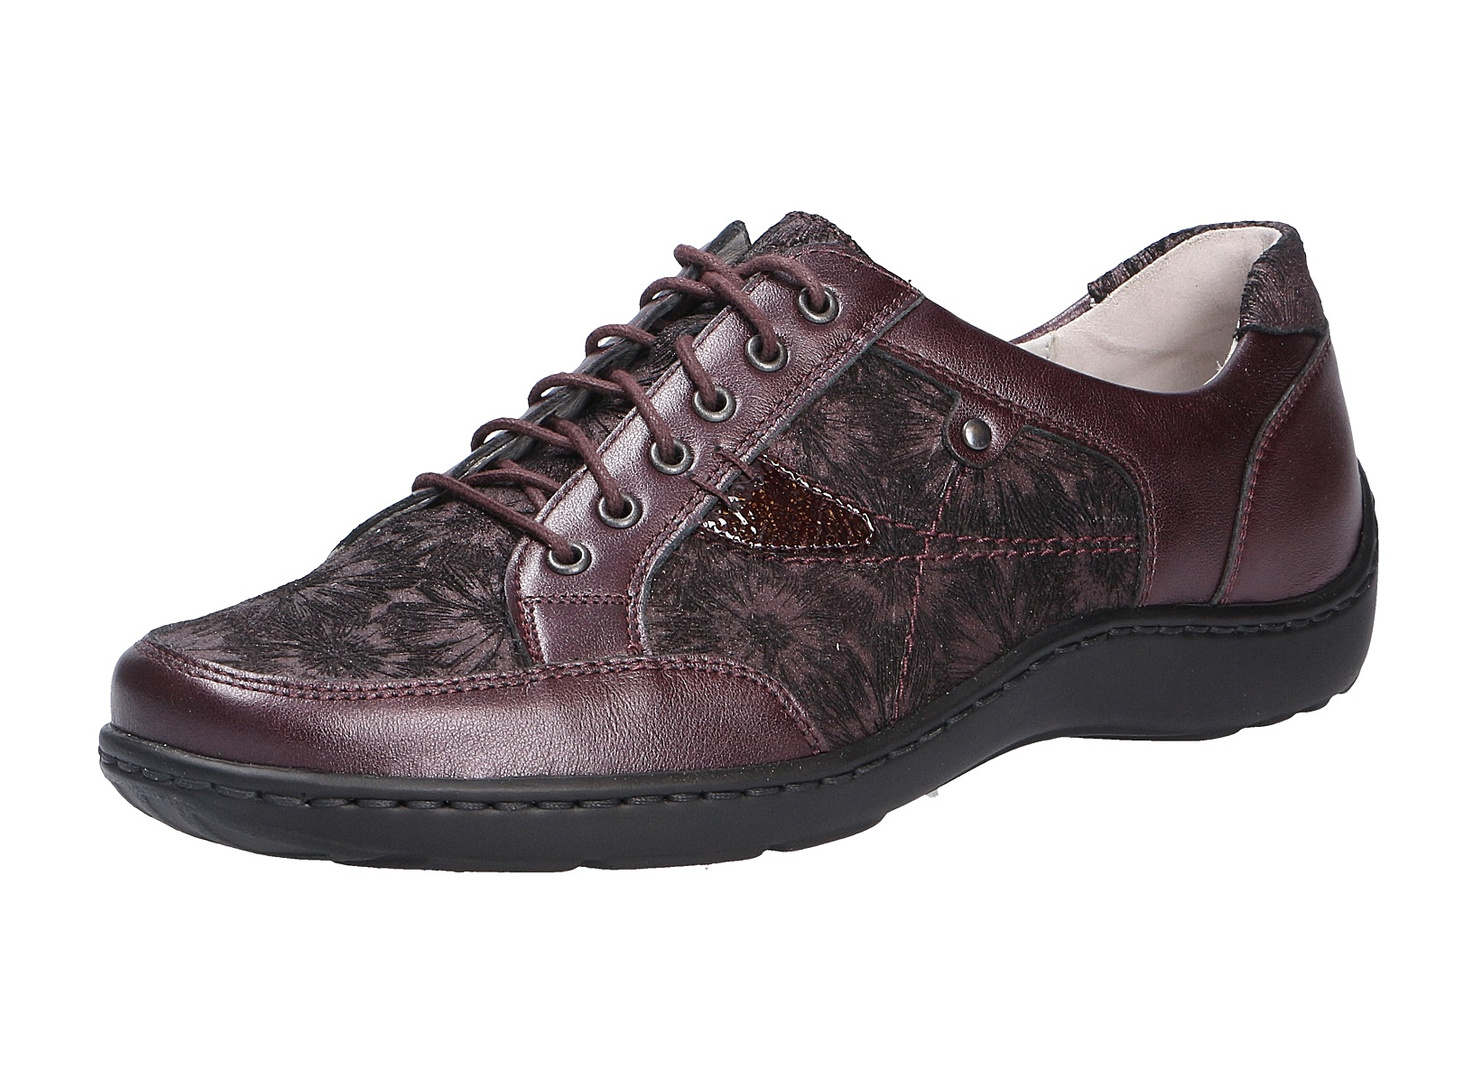 outlet store c961c af314 Waldläufer Schuhe online günstig kaufen | Hier finden Sie ...